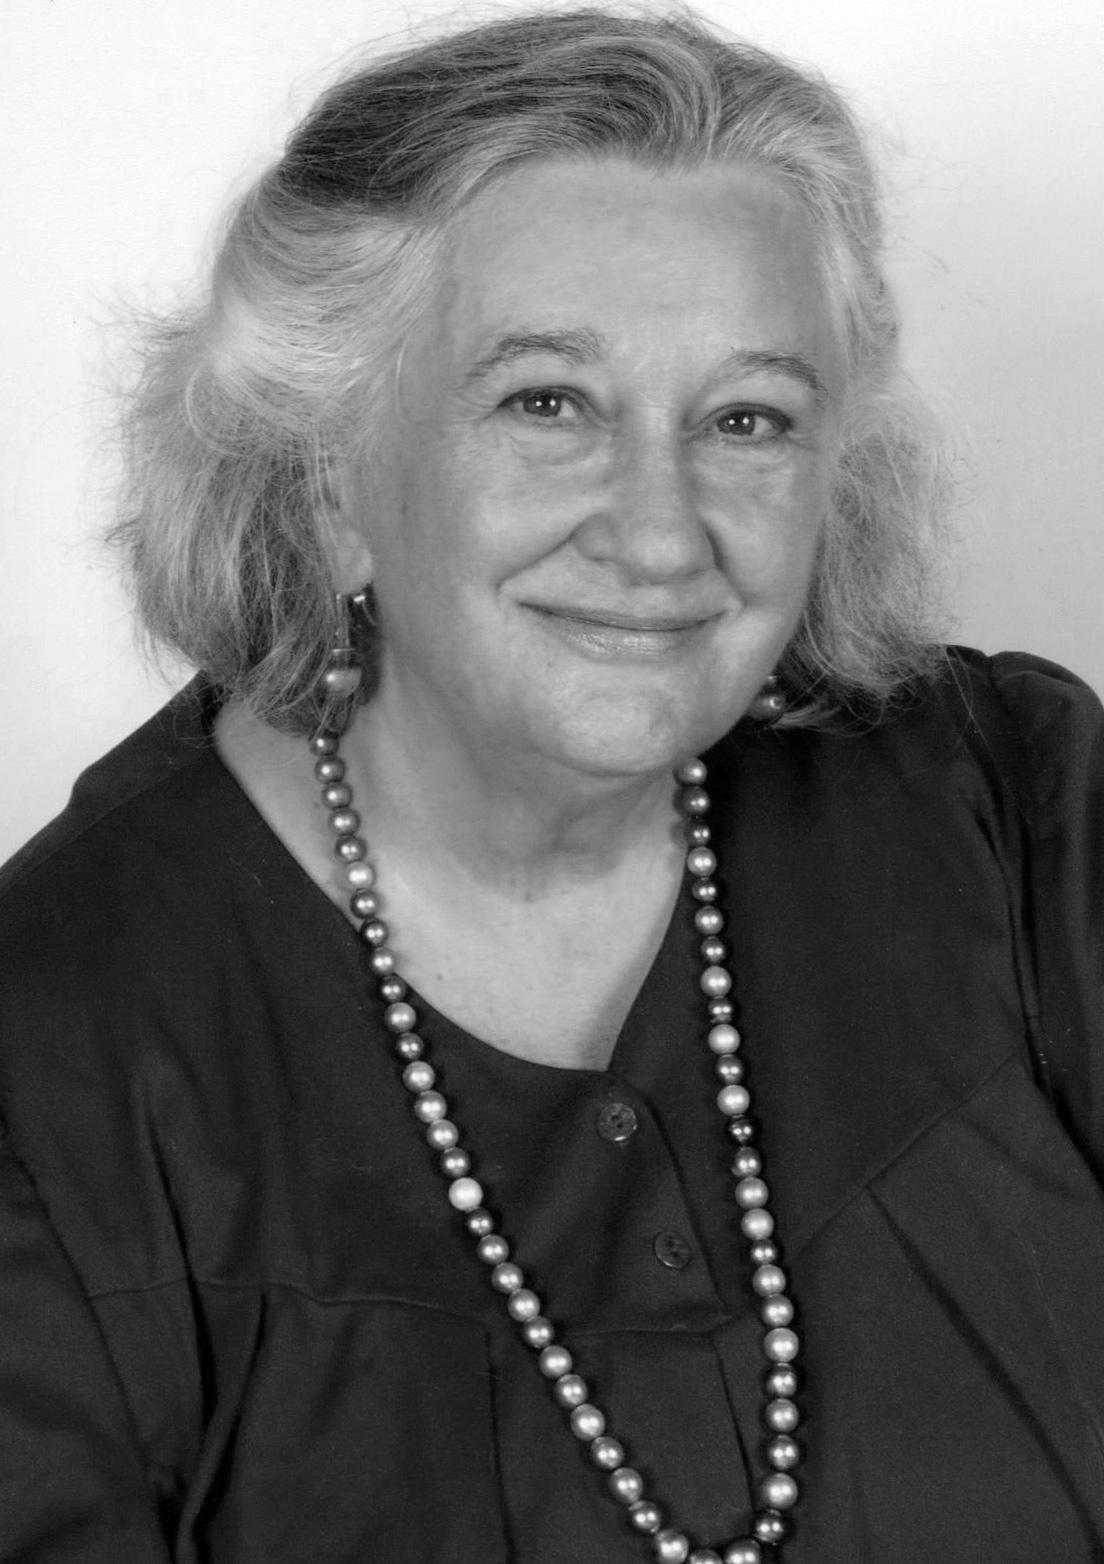 (c) Margaret A. Boden